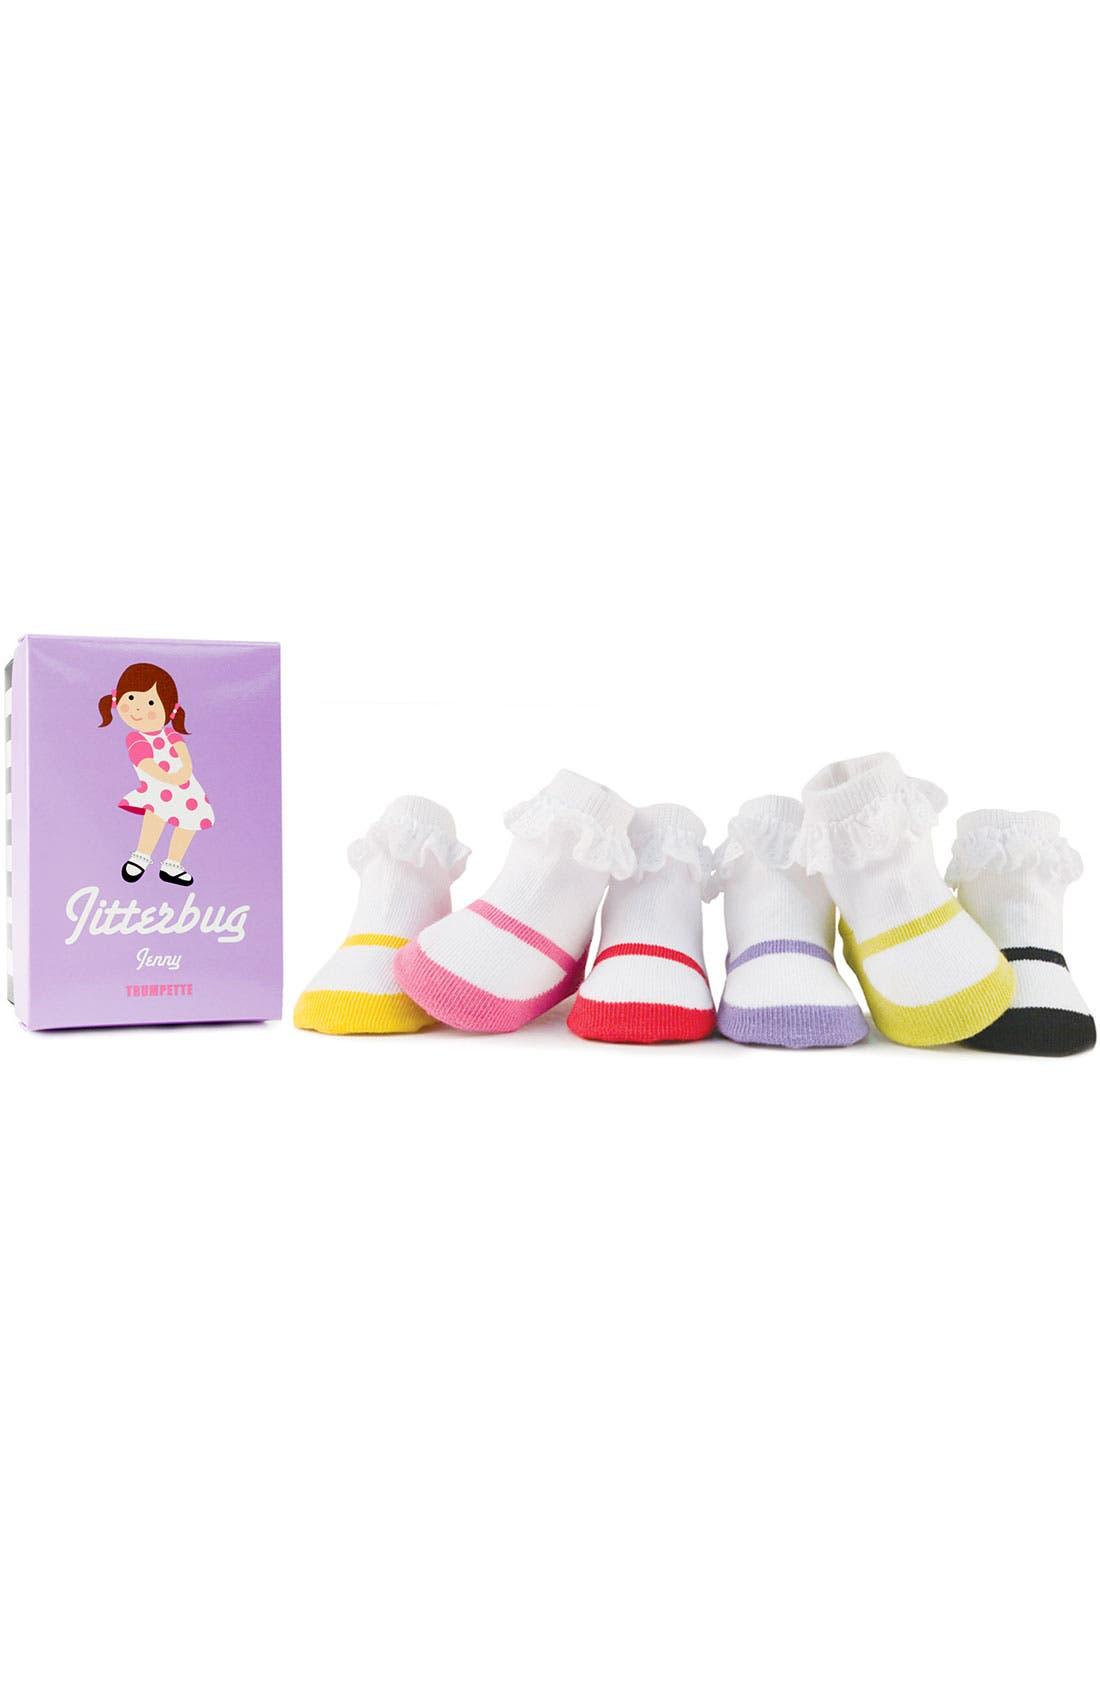 'Jitterbug' Socks,                         Main,                         color, Jitterbug Jenny